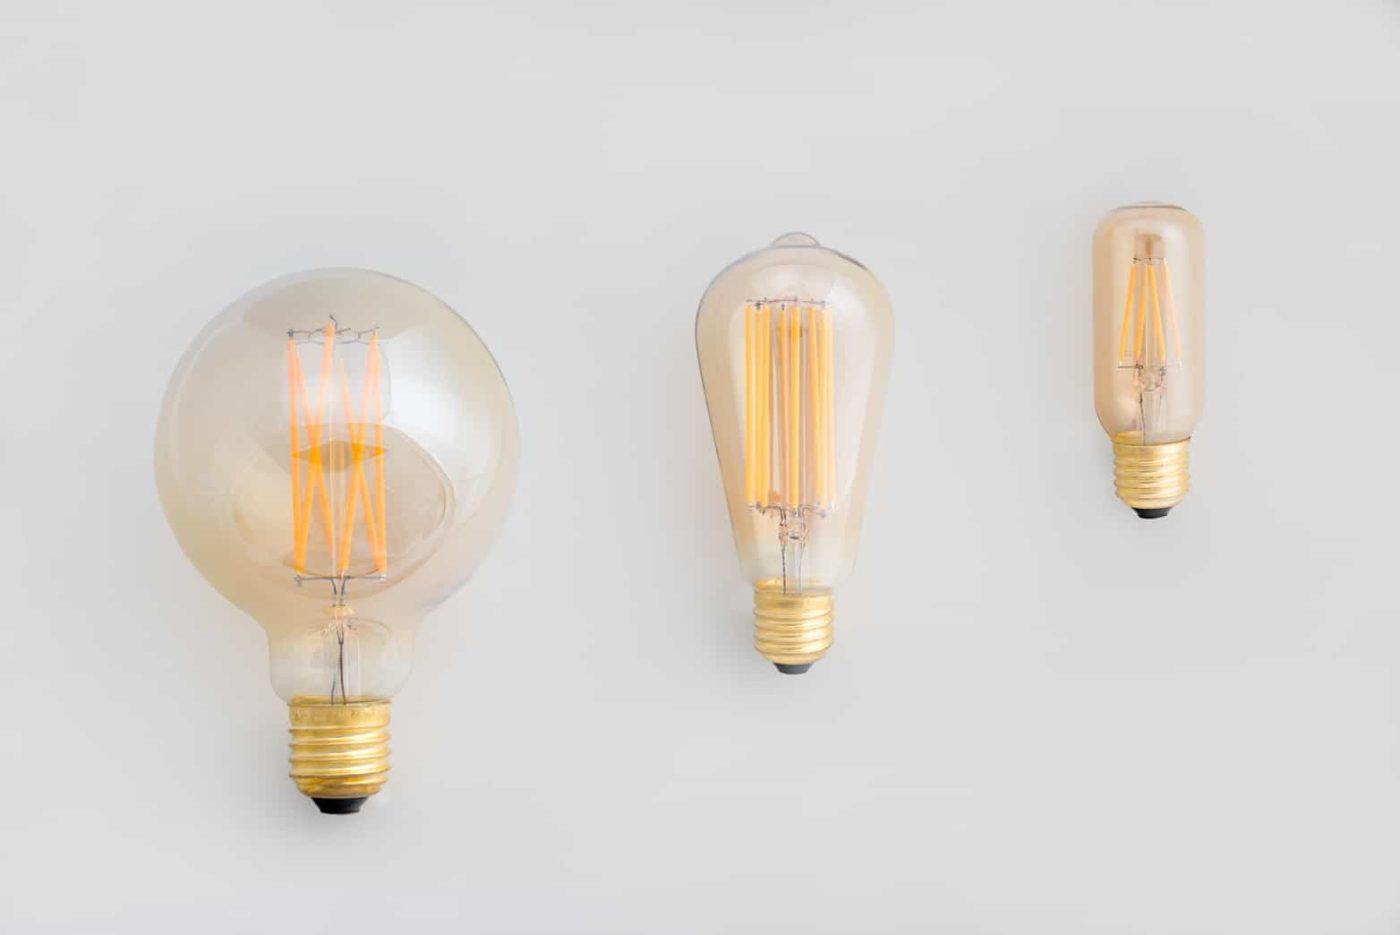 LED Filament Bulbs